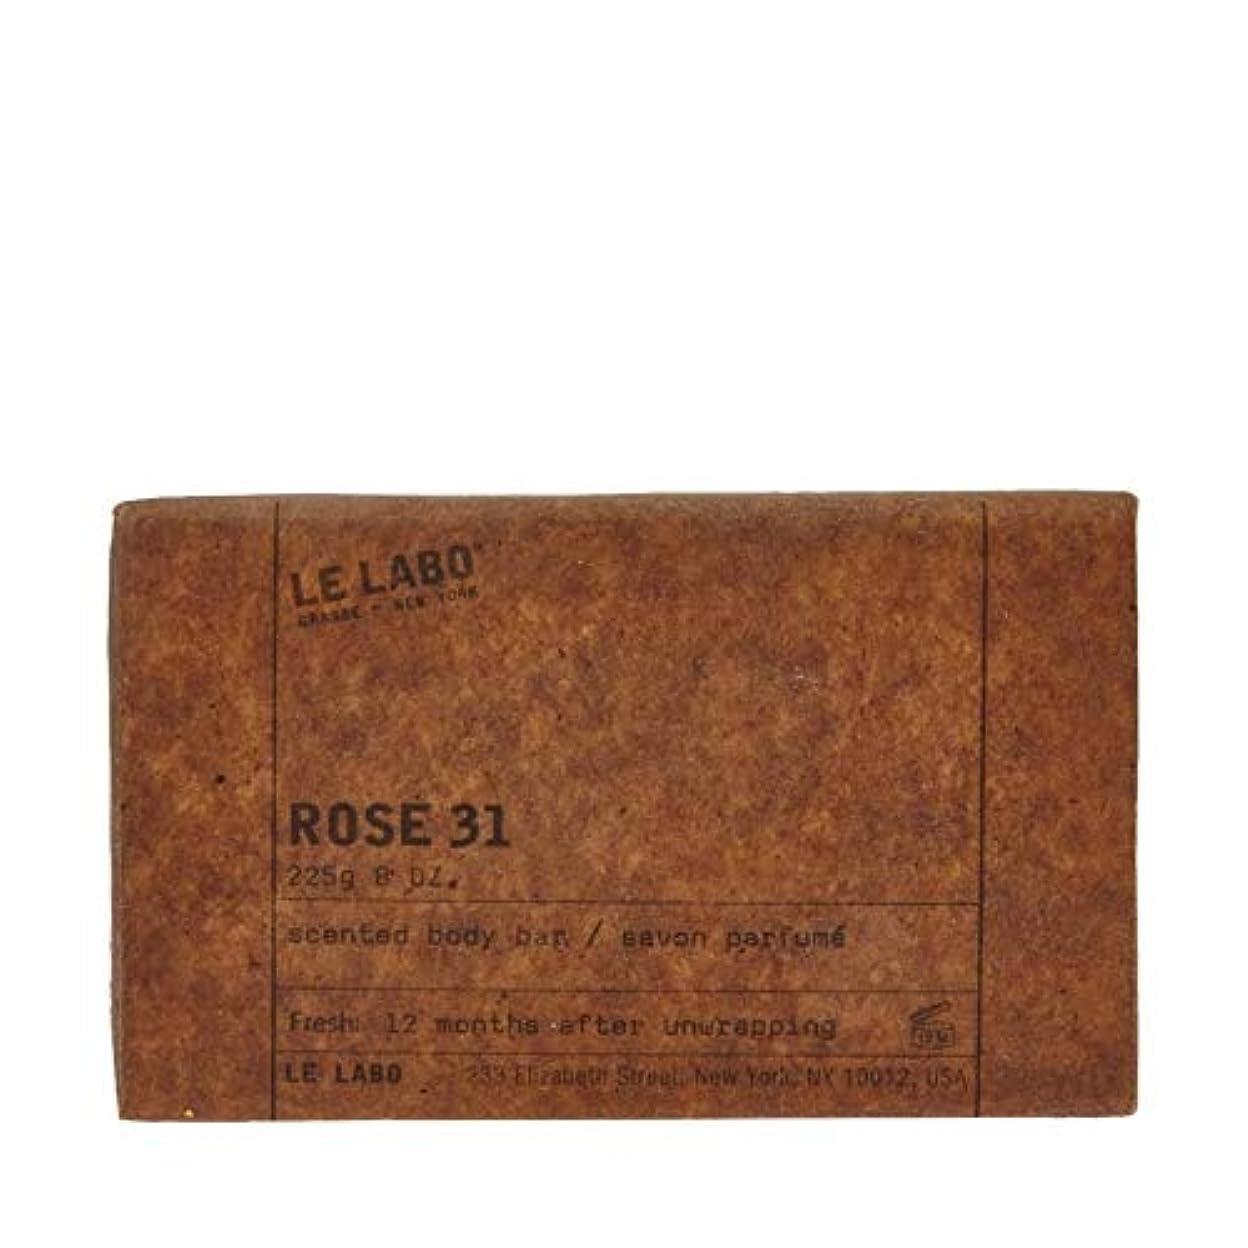 ホームたるみ合意[Le Labo ] ル?ラボルラボ31石鹸の225グラムをバラ - Le Labo Le Labo Rose 31 Soap 225g [並行輸入品]